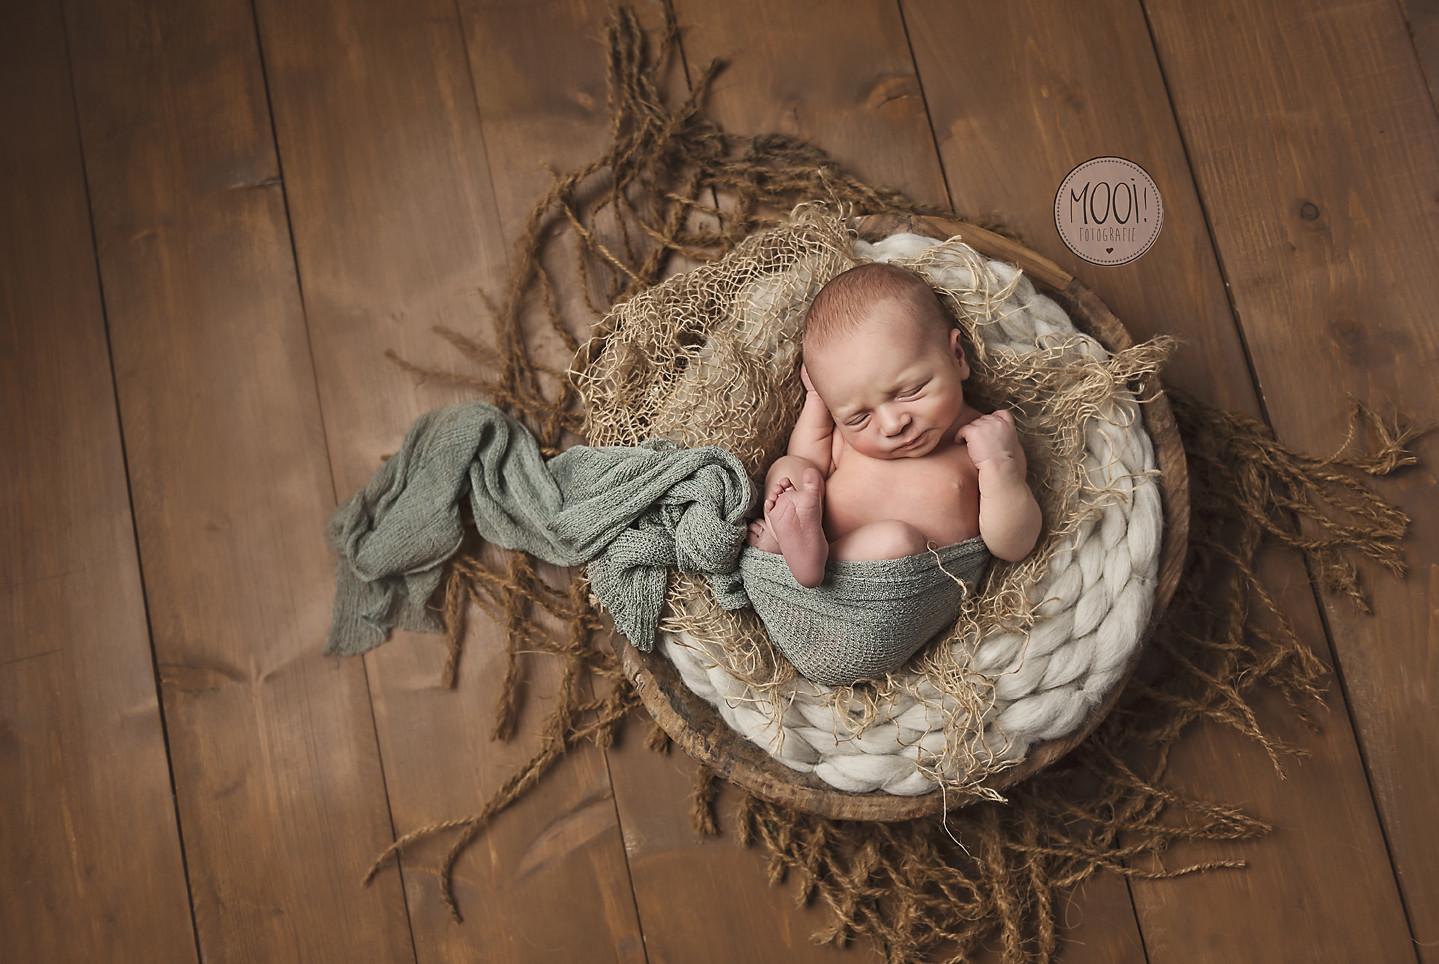 Cadeaubon Newbornshoot, Kraamcadeau, cadeaubon geboorte baby, Newborn fotoshoot cadeau, MOOI! Fotografie